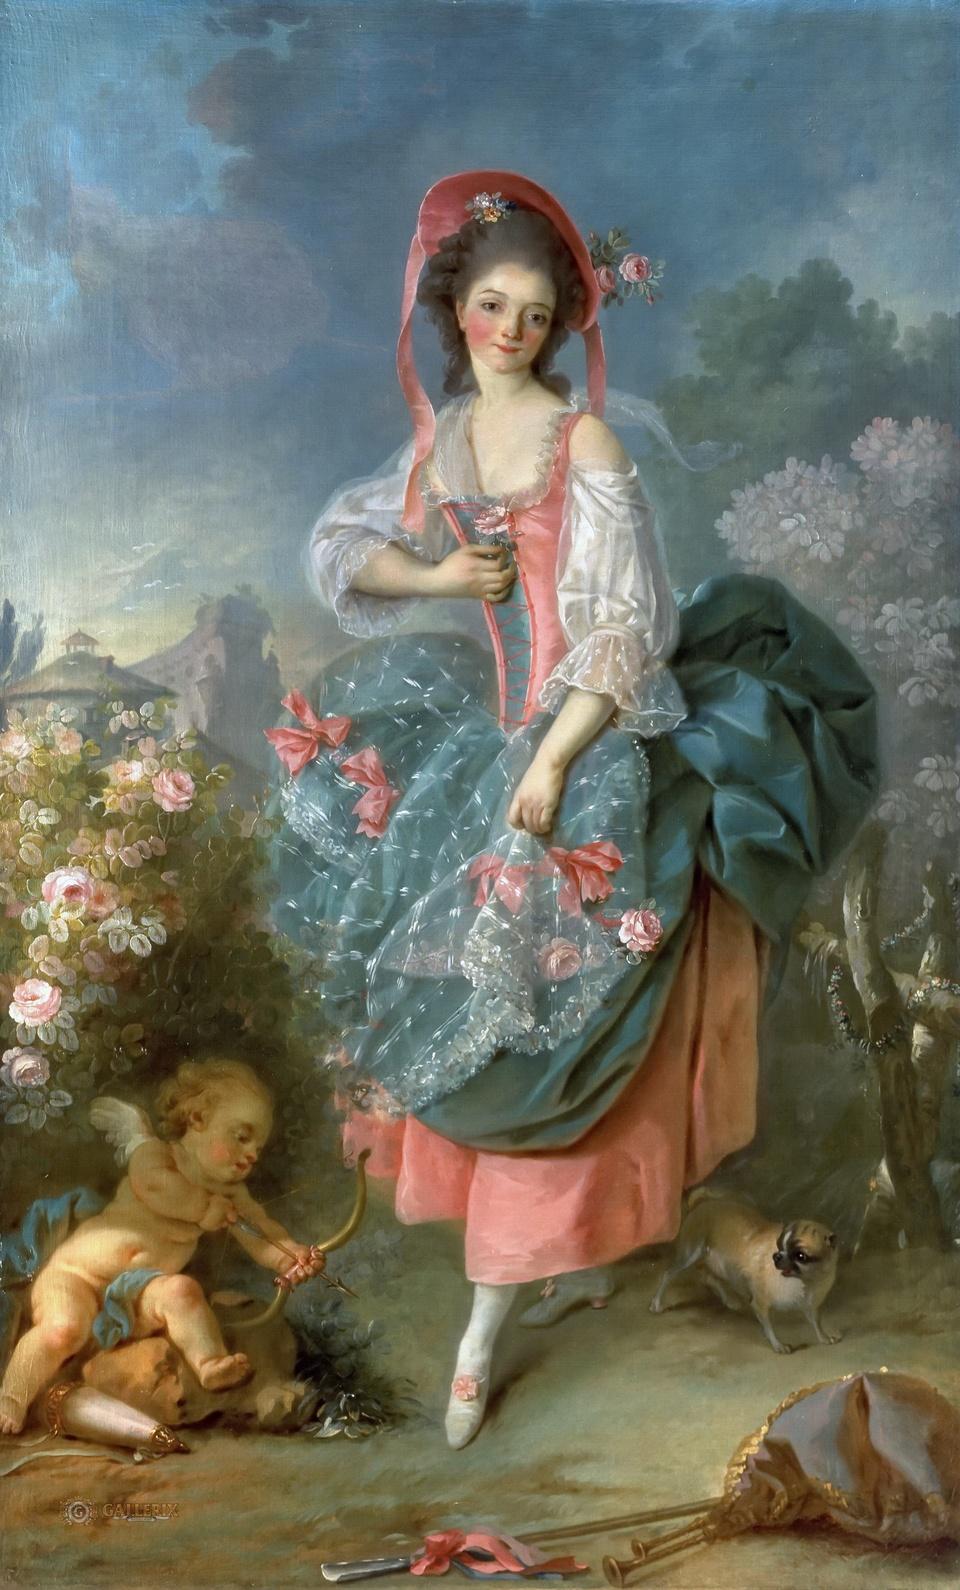 Давид Жак Луи (David Jacques-Louis),1748-1825.Франция.